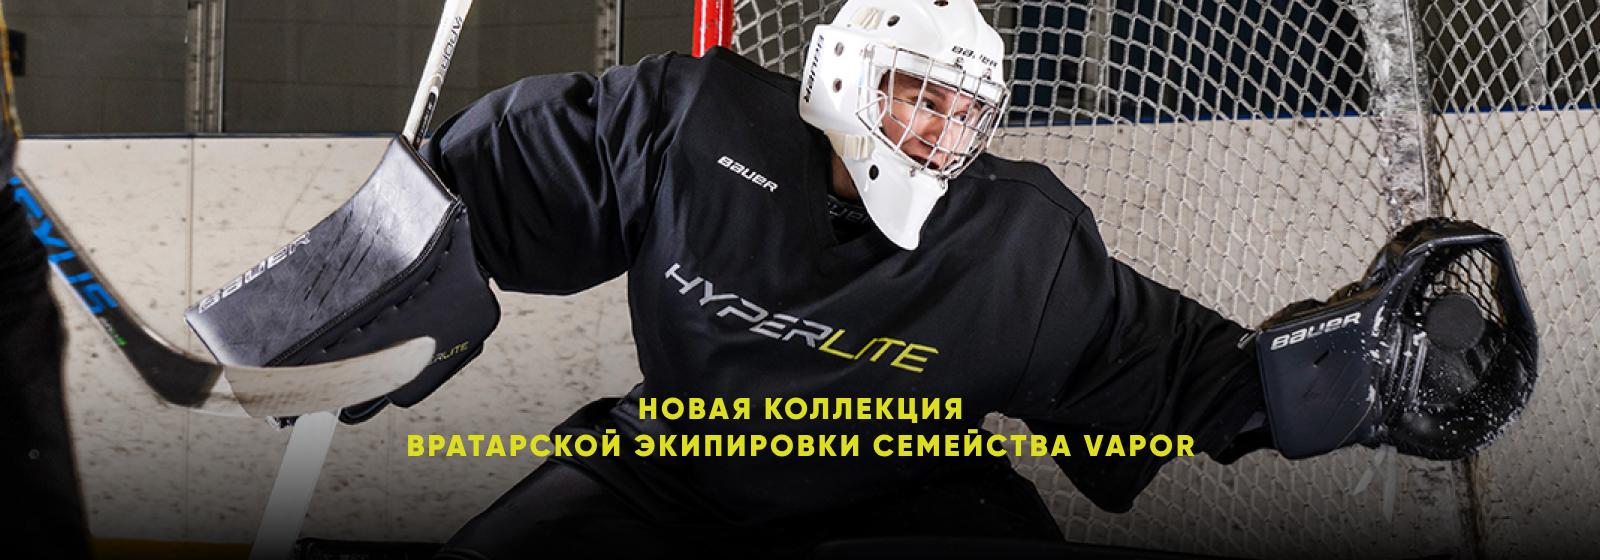 Вратарская экипировка Vapor 2021